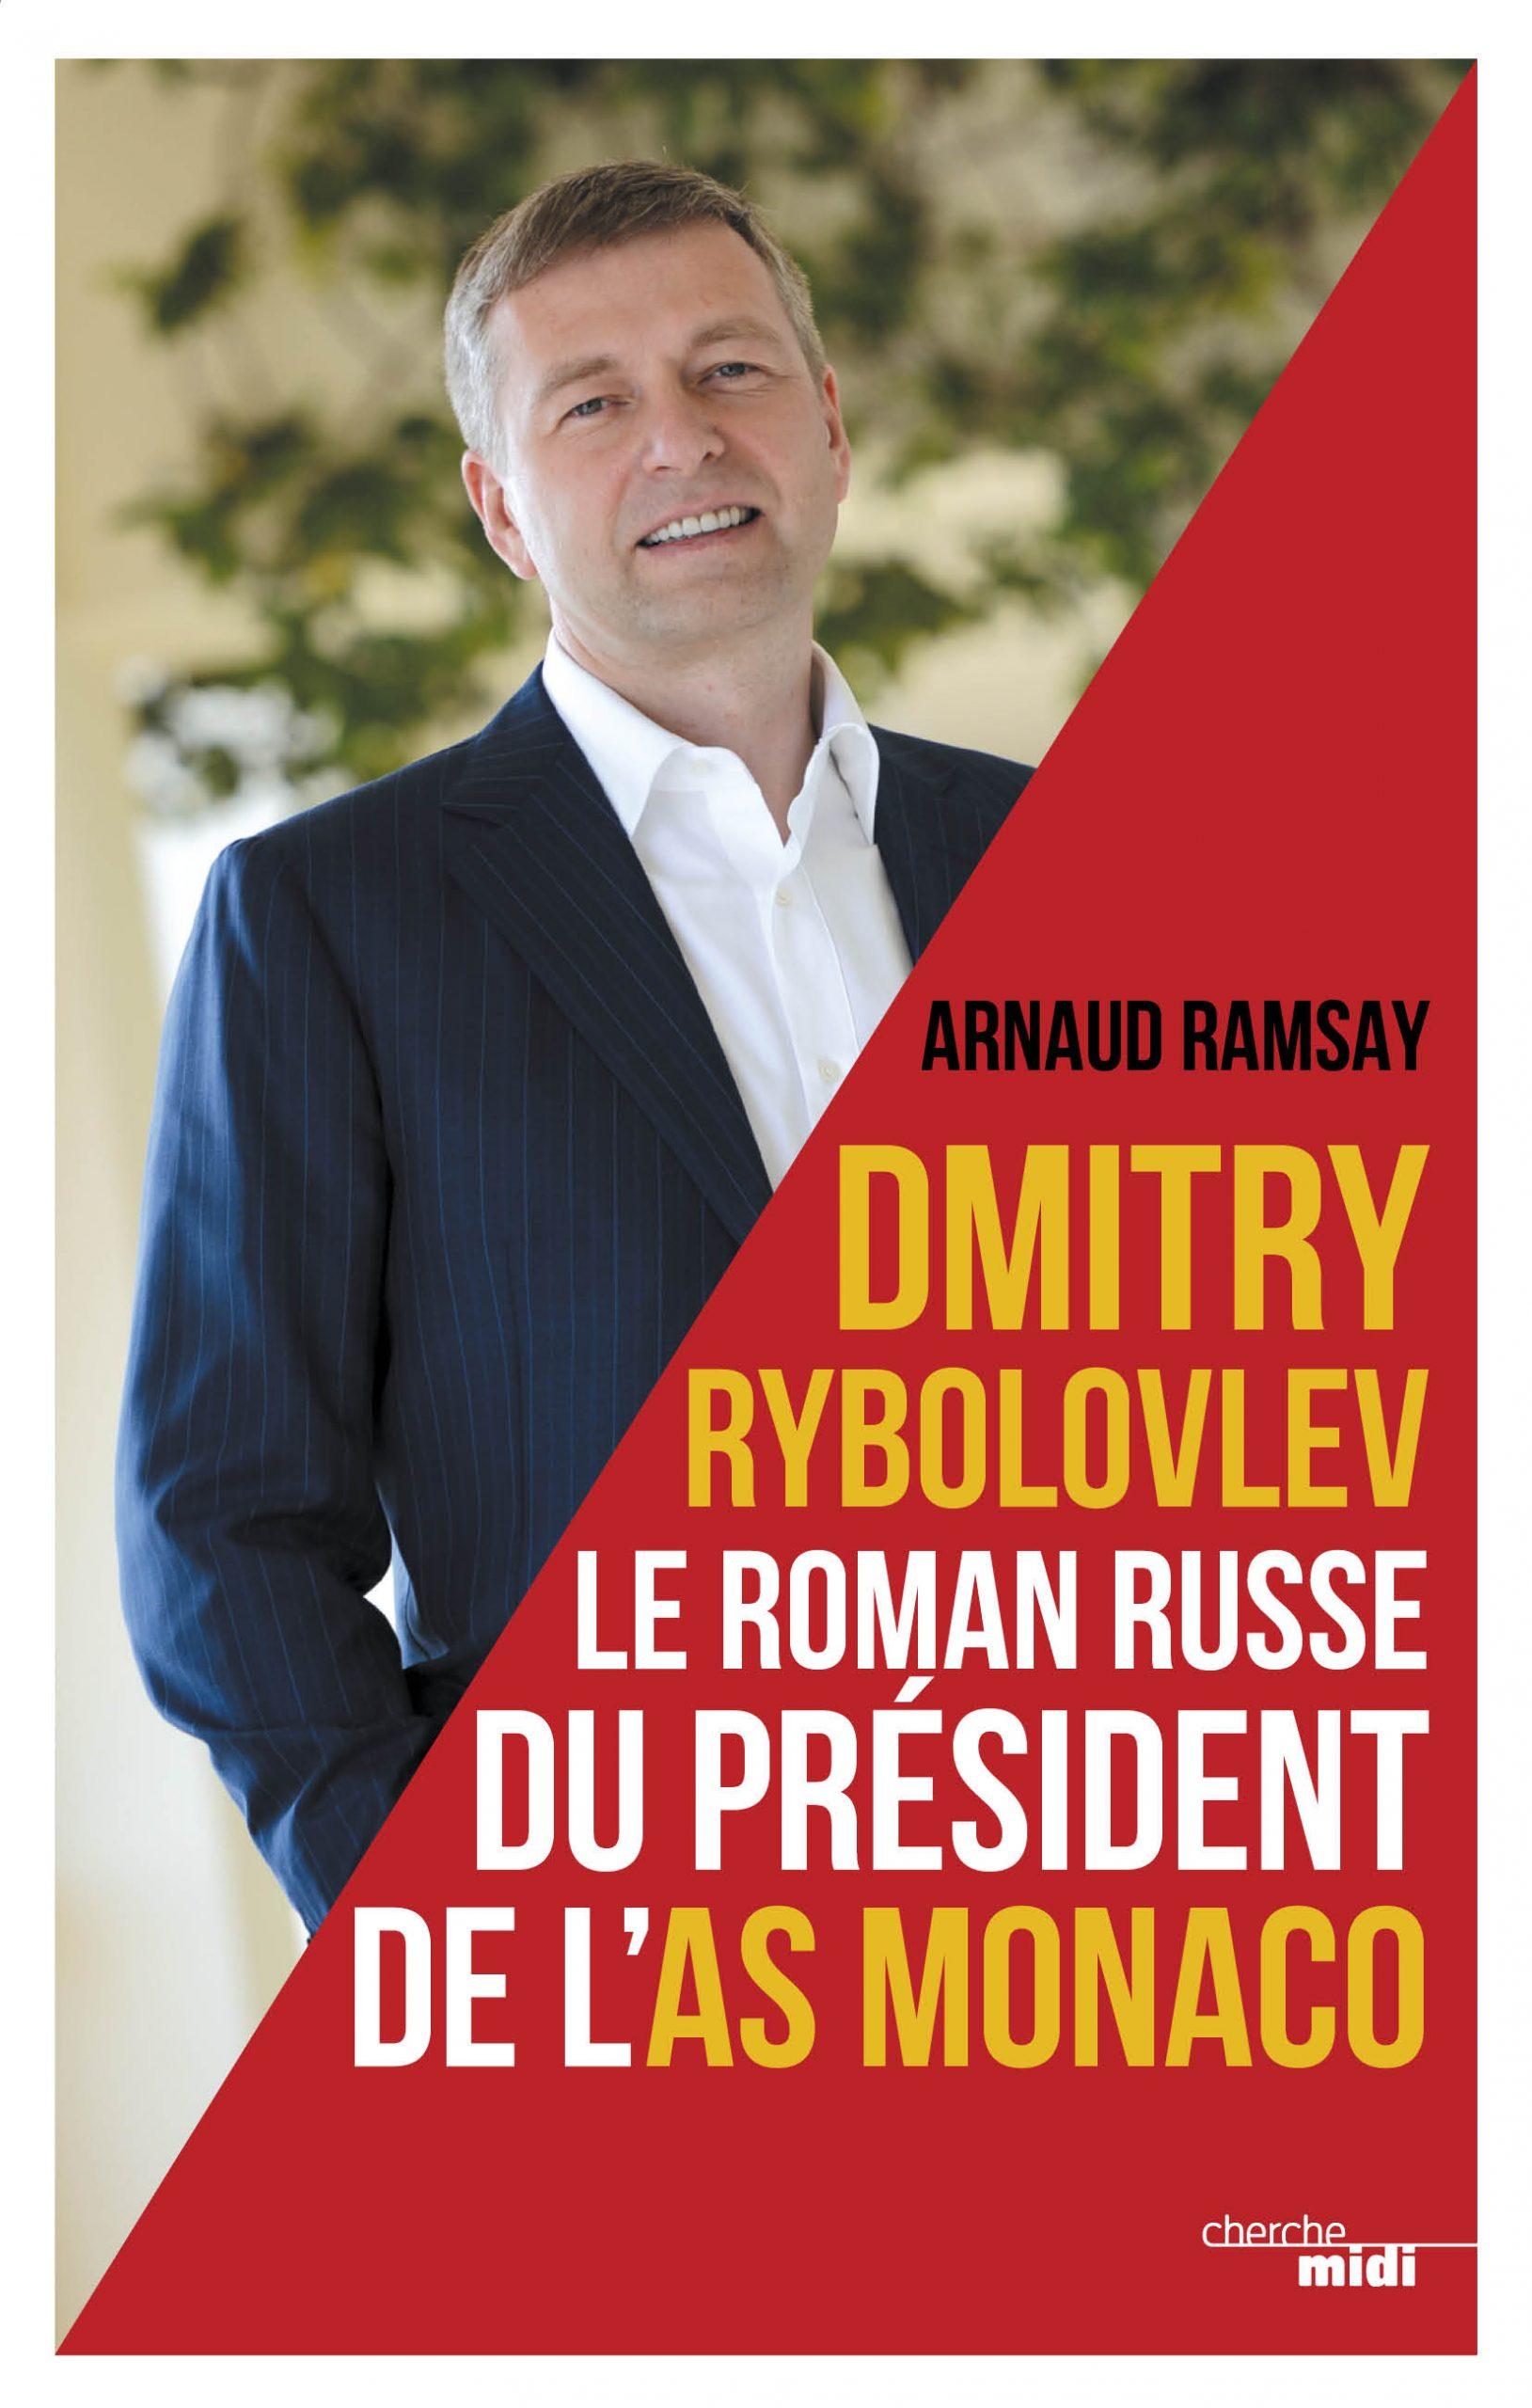 Dmitry Rybolovlev – Source [4]